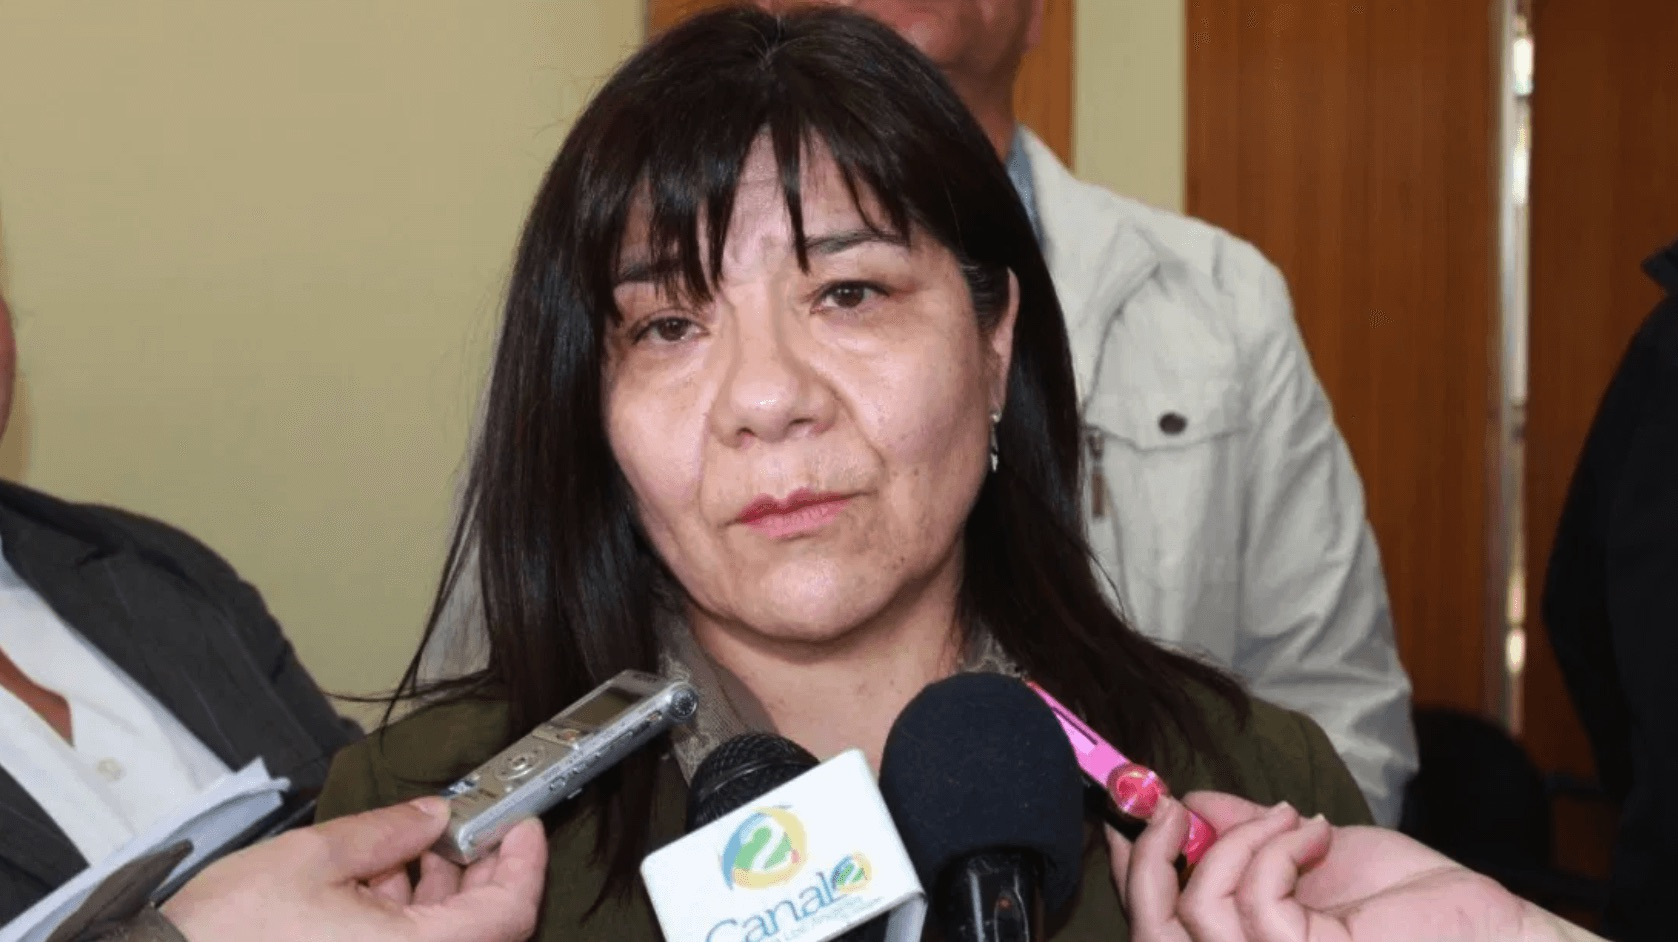 Ordenan sumario contra jefa de obras de Los Ángeles: Aprobó 28 expedientes a su ex marido